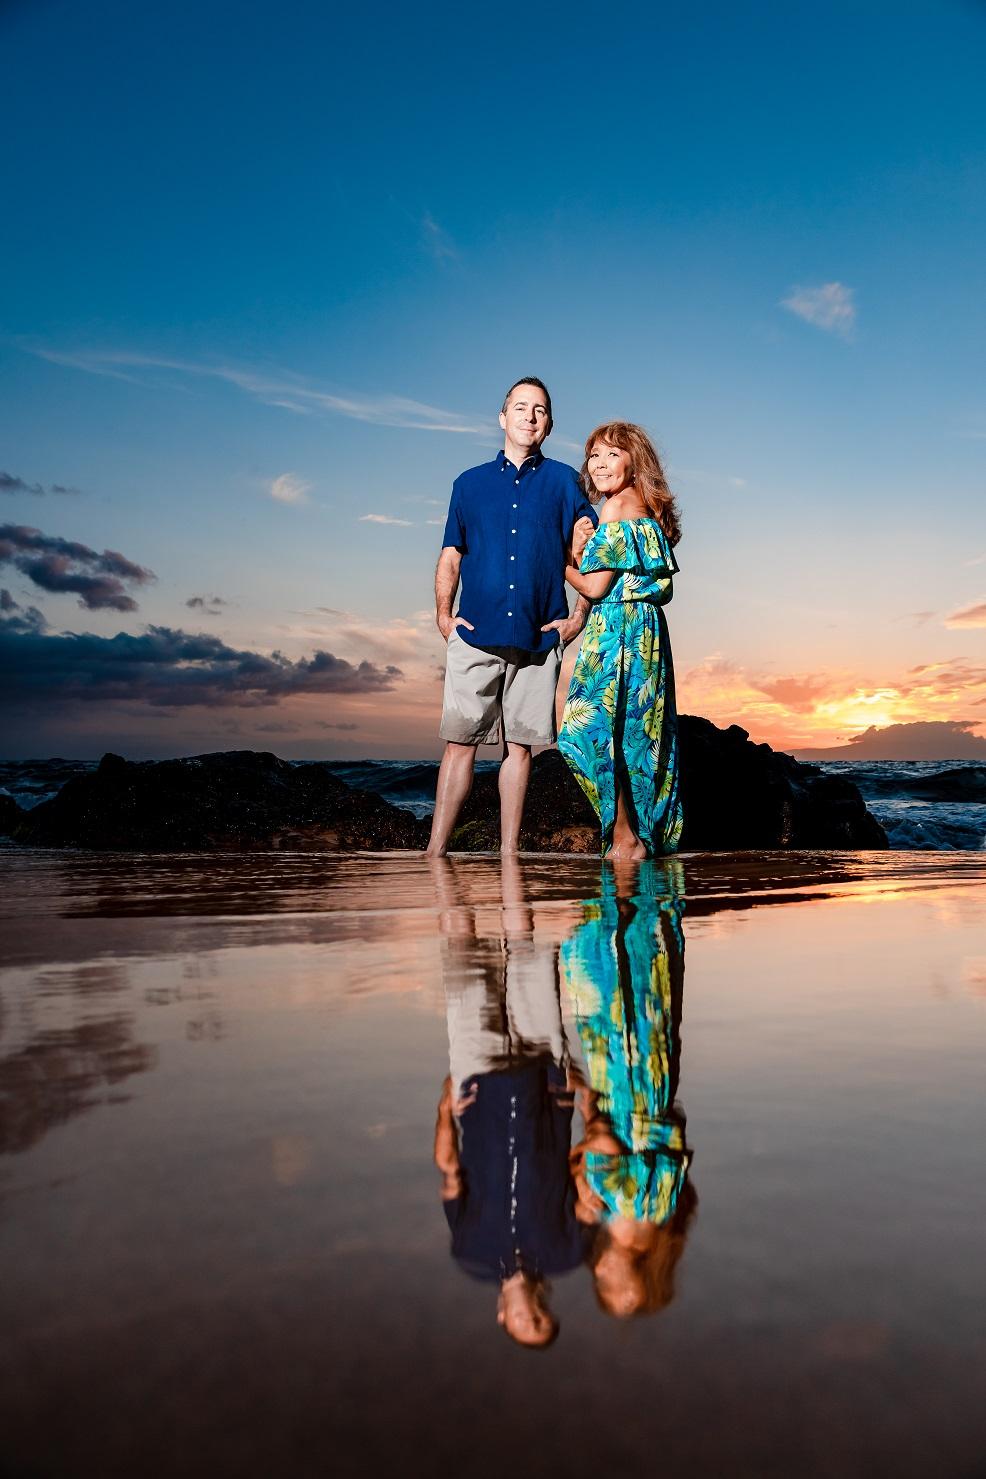 maui couples portrait reflection ocean sunset